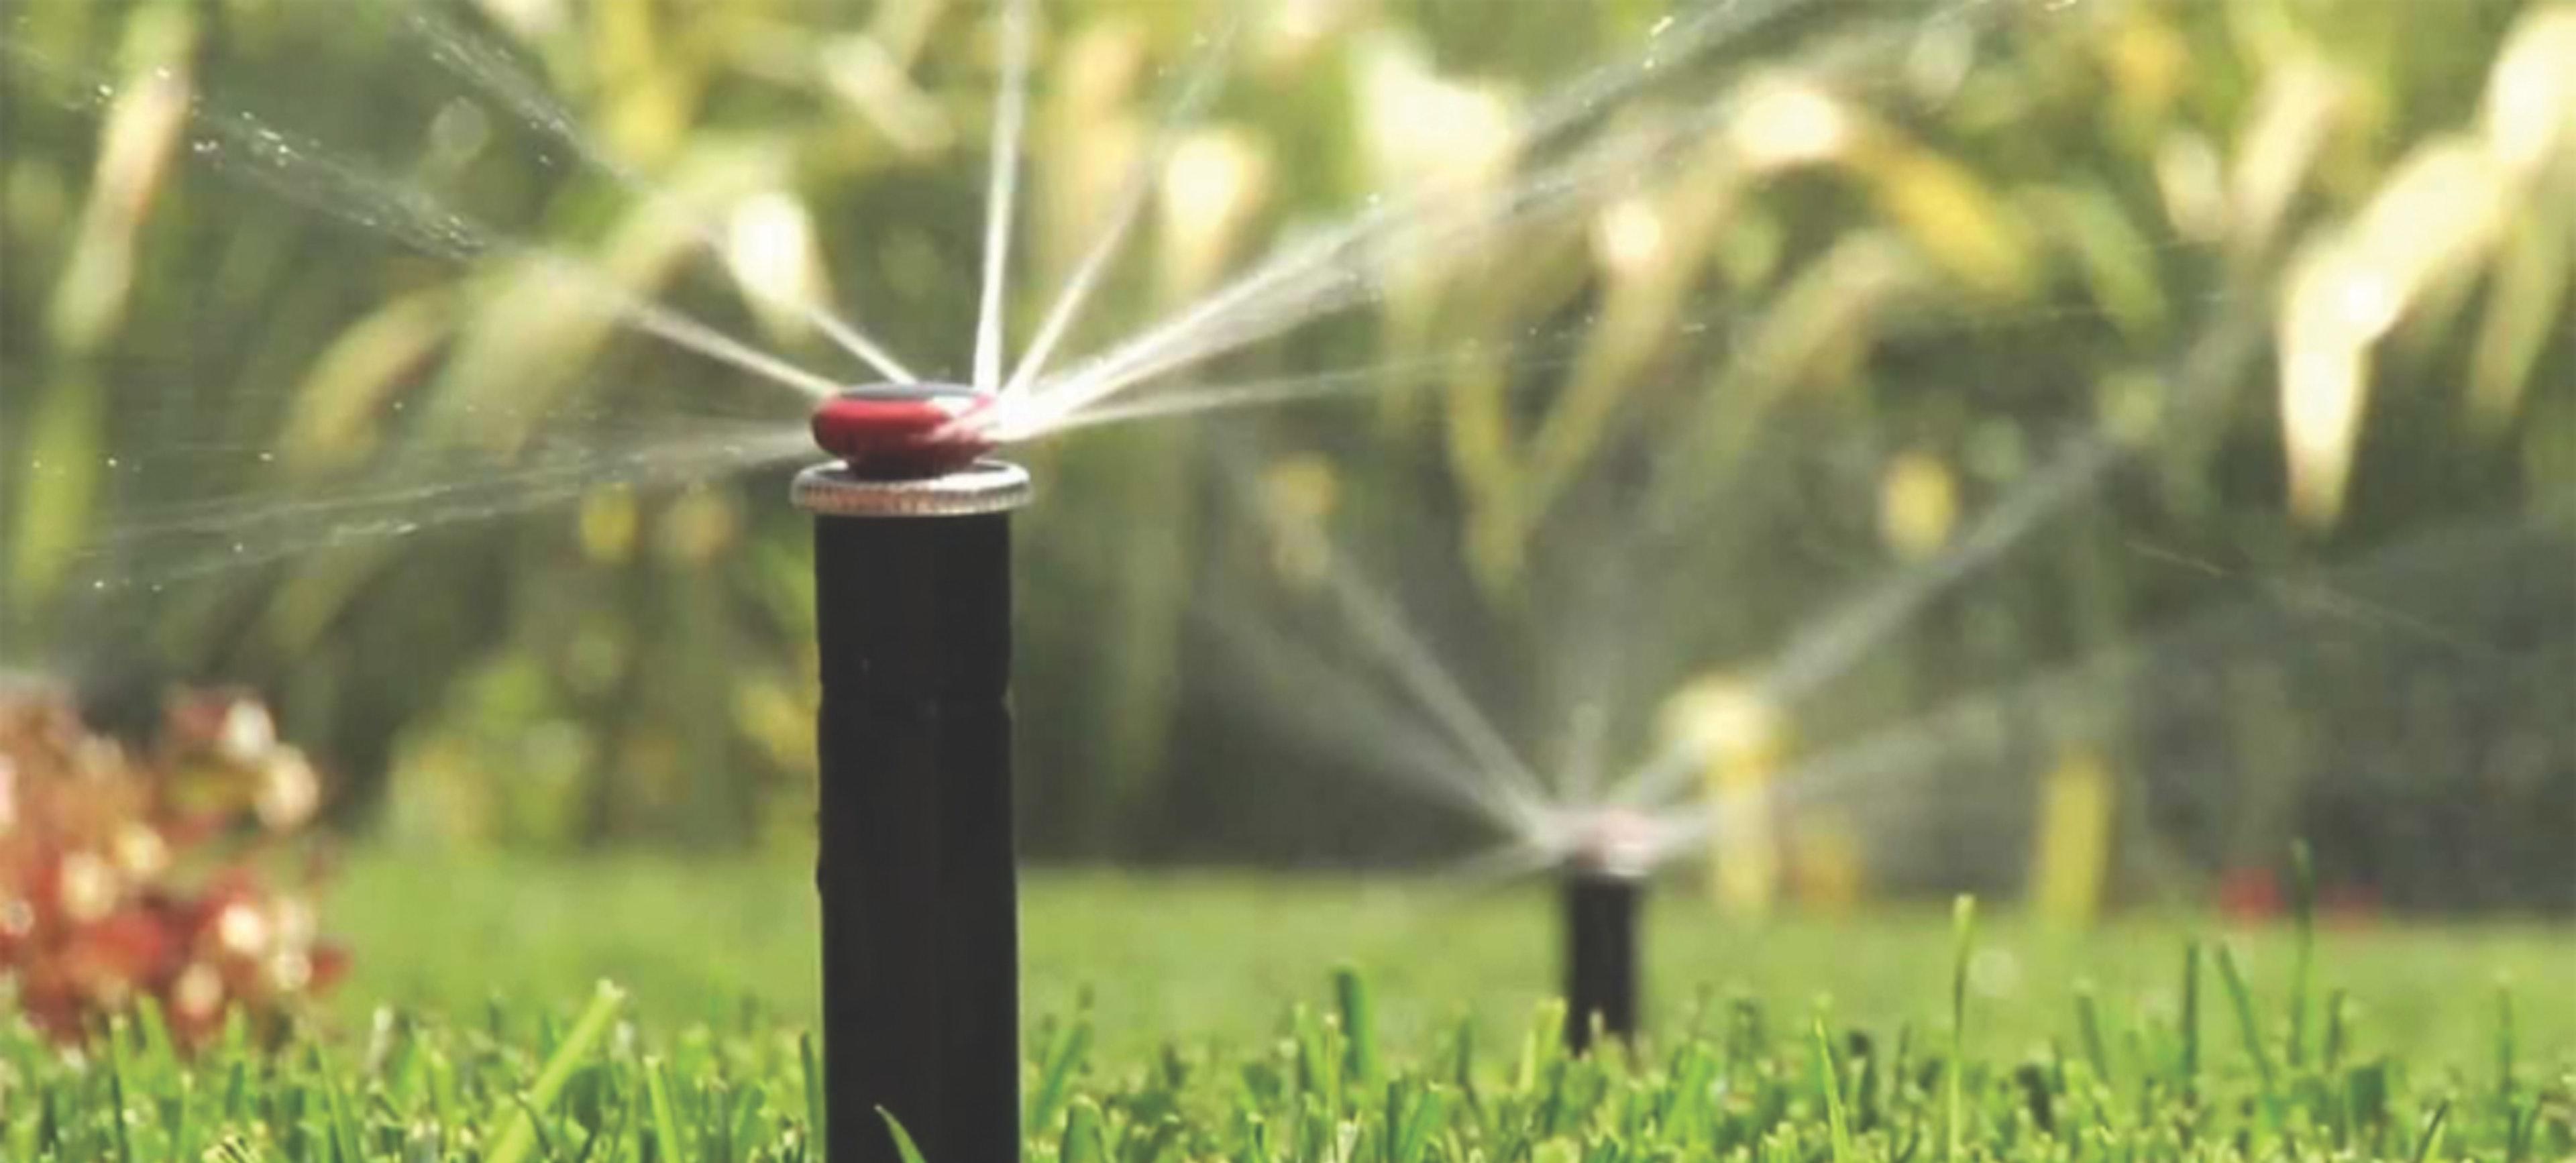 High Efficiency sprinkler head watering lawn